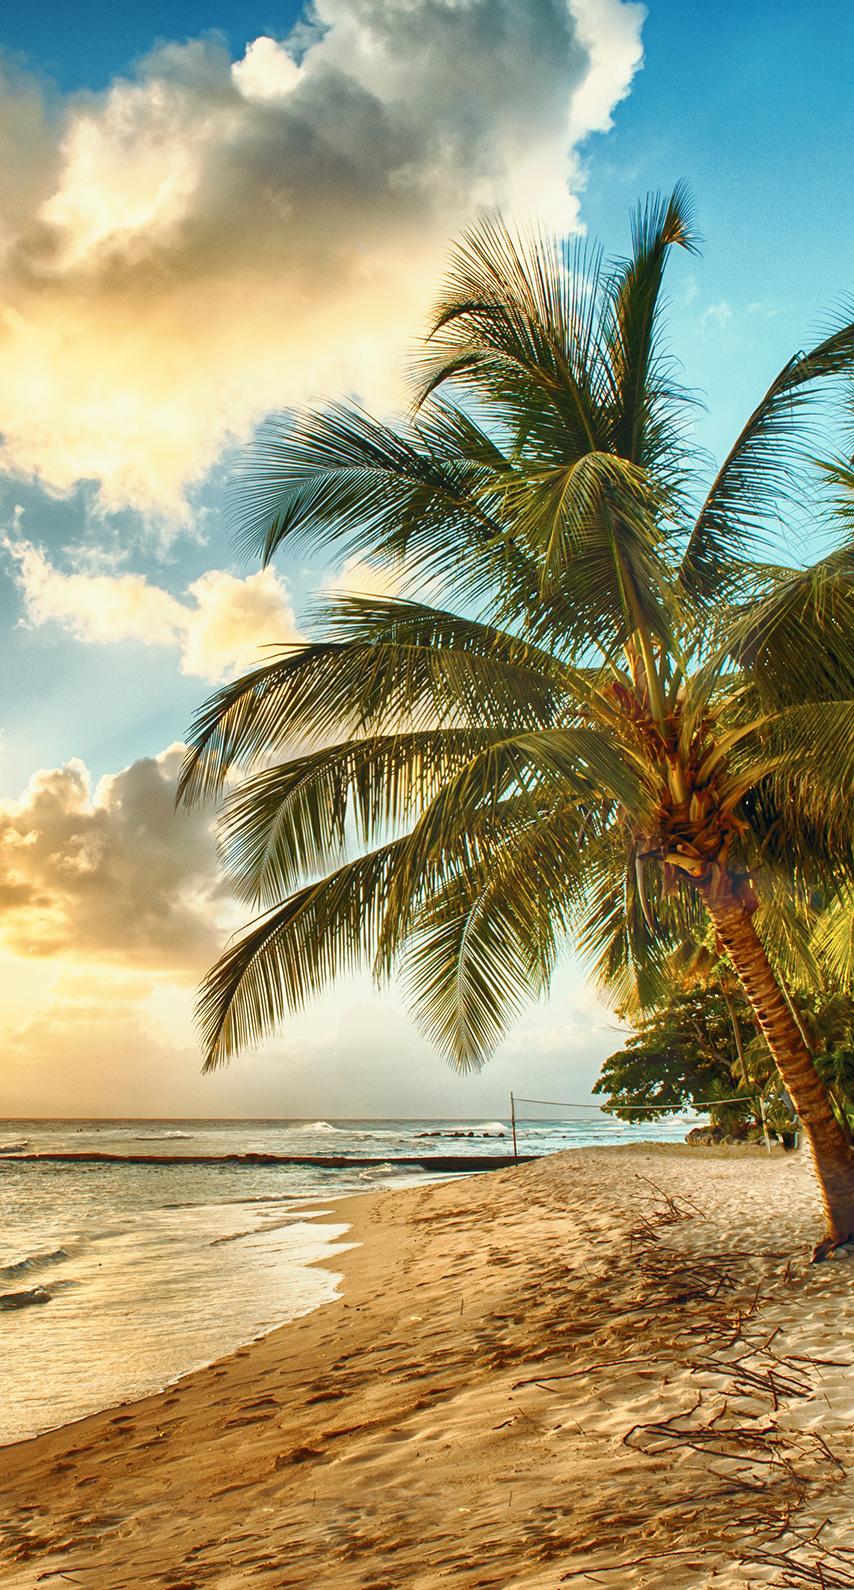 seashore, coconut